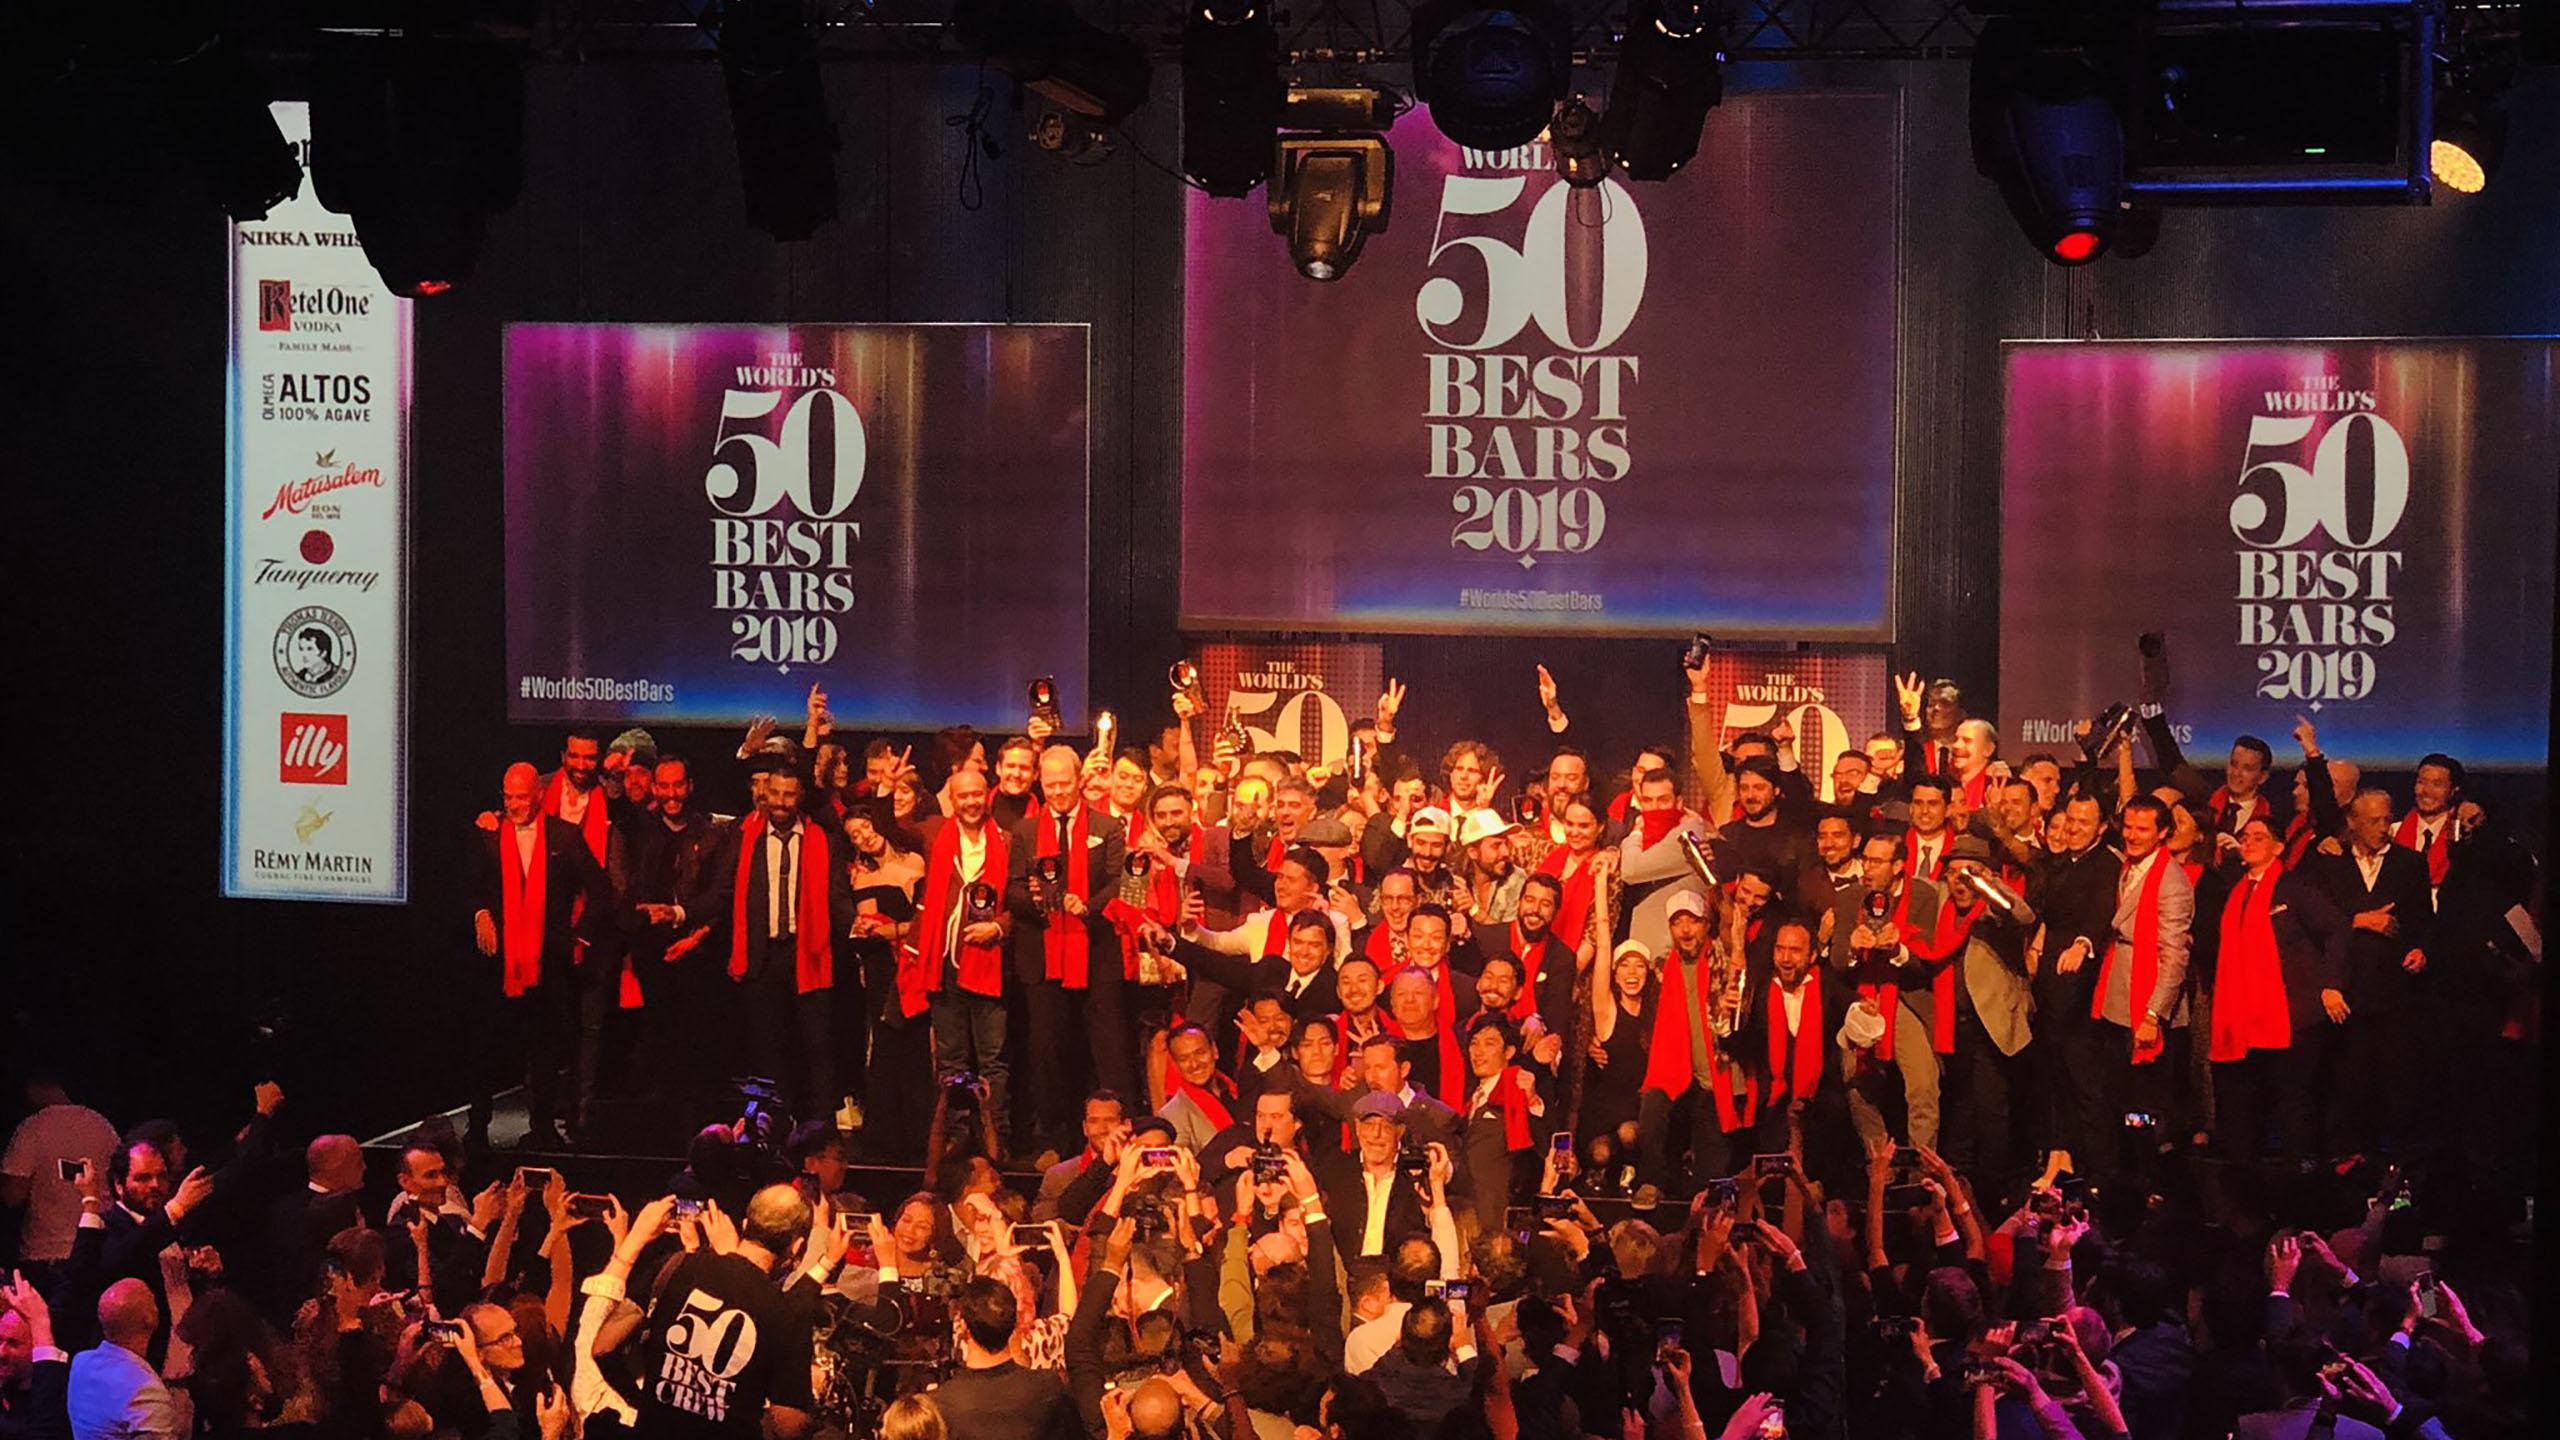 50 Best Bars, premios, ceremonia